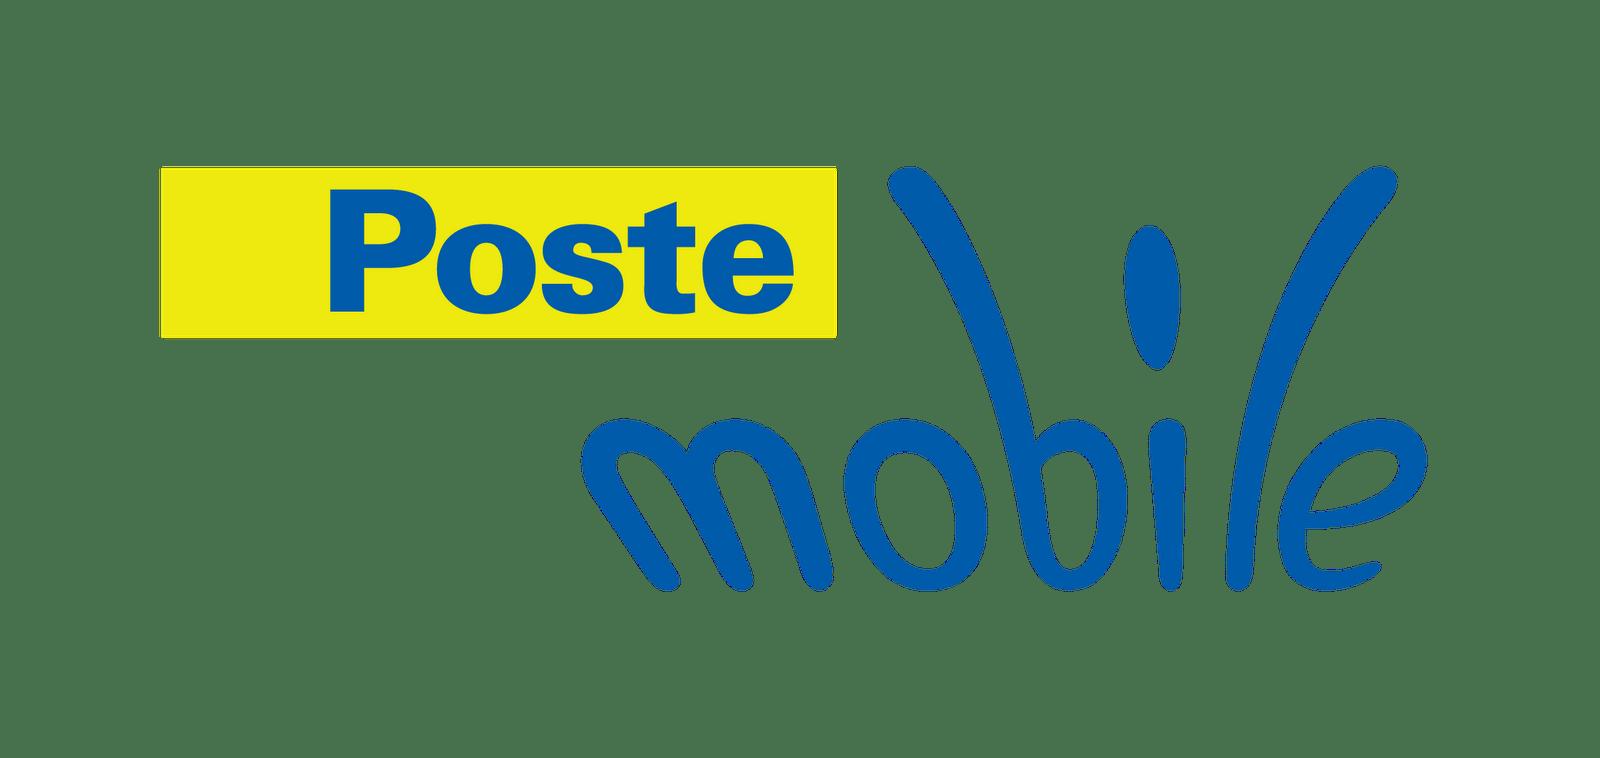 Poste Mobile, operatore telefonico virtuale di Poste Italiane